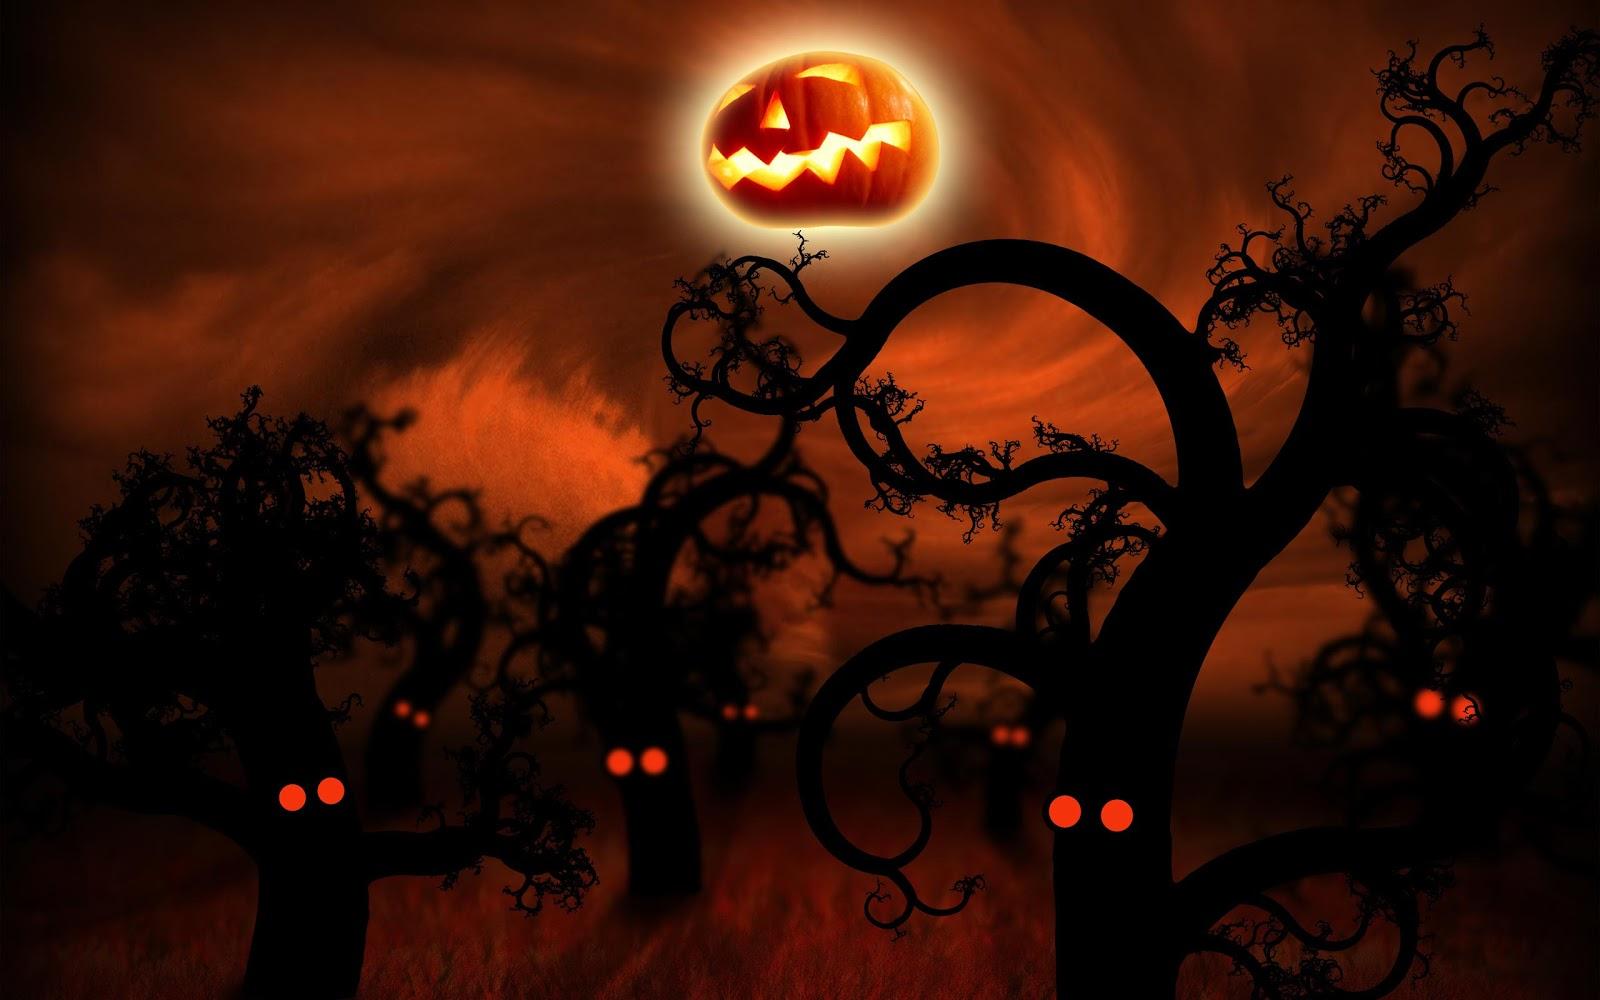 http://2.bp.blogspot.com/-ma5v1SVh2xU/UHbrDT0NlhI/AAAAAAAAHS4/H8aXmb3vmtI/s1600/Halloween%20Wallpaper%20Backgrounds%20002.jpg